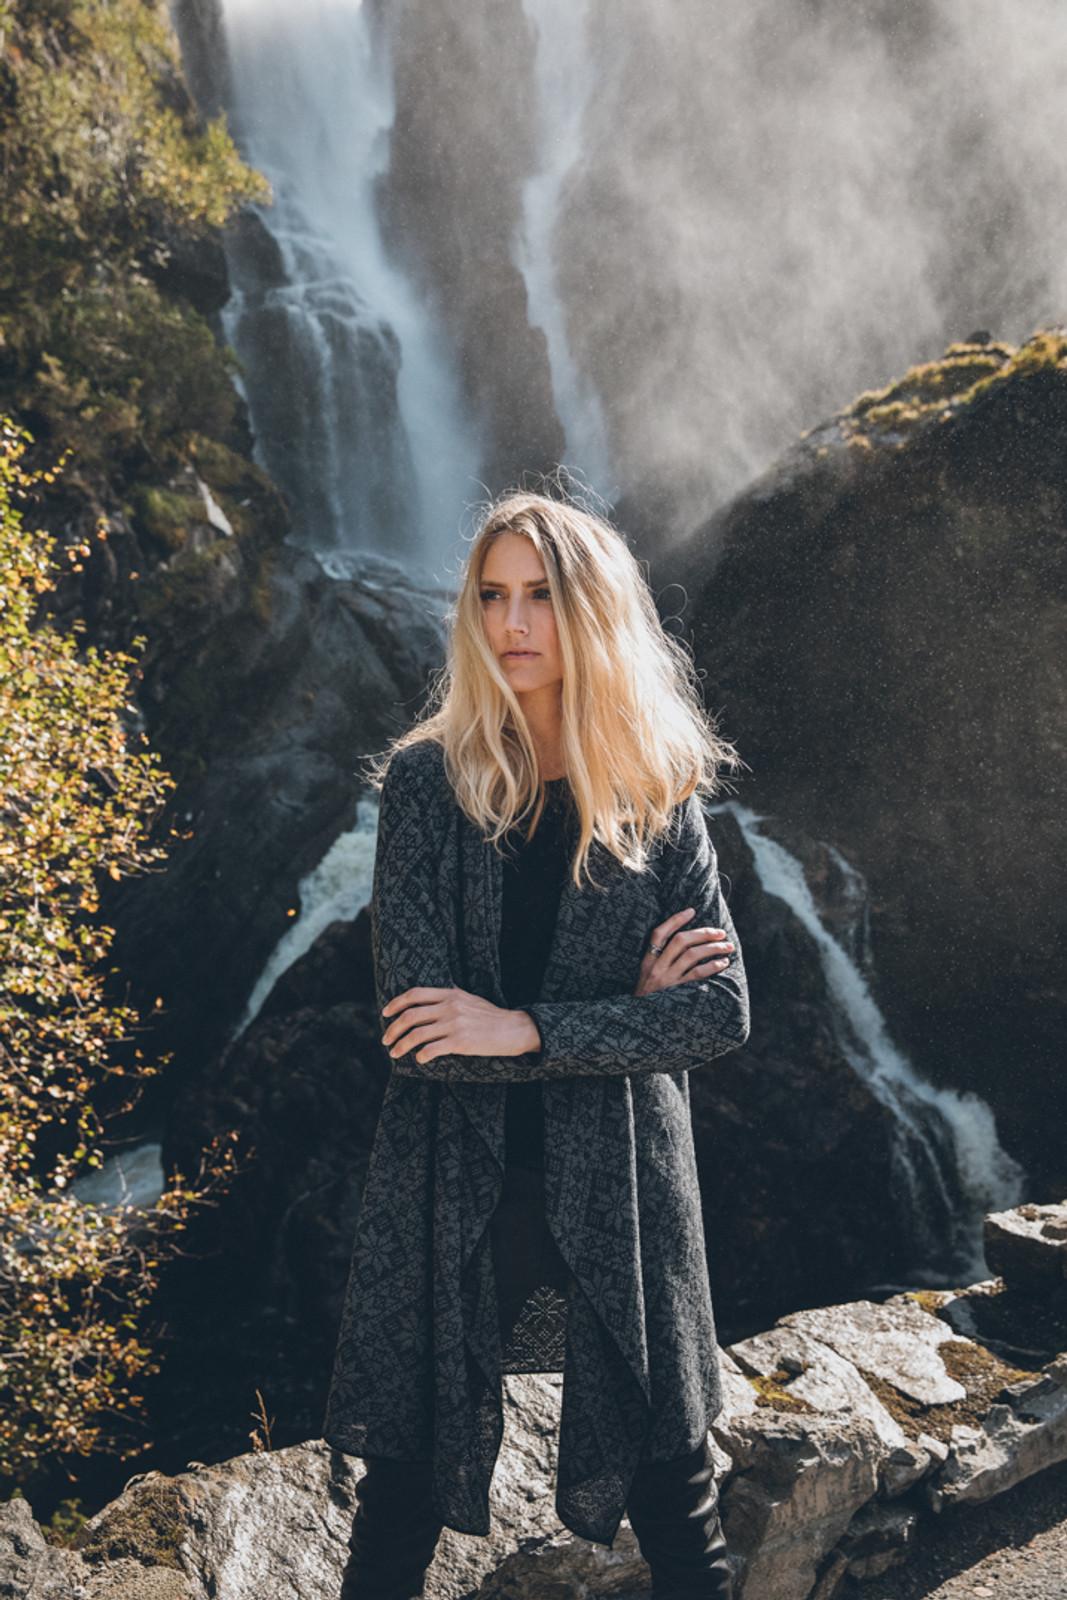 Woman standing by waterfall wearing Dale of Norway's Flora Ladies Jacket in Black/Smoke, 83371-F